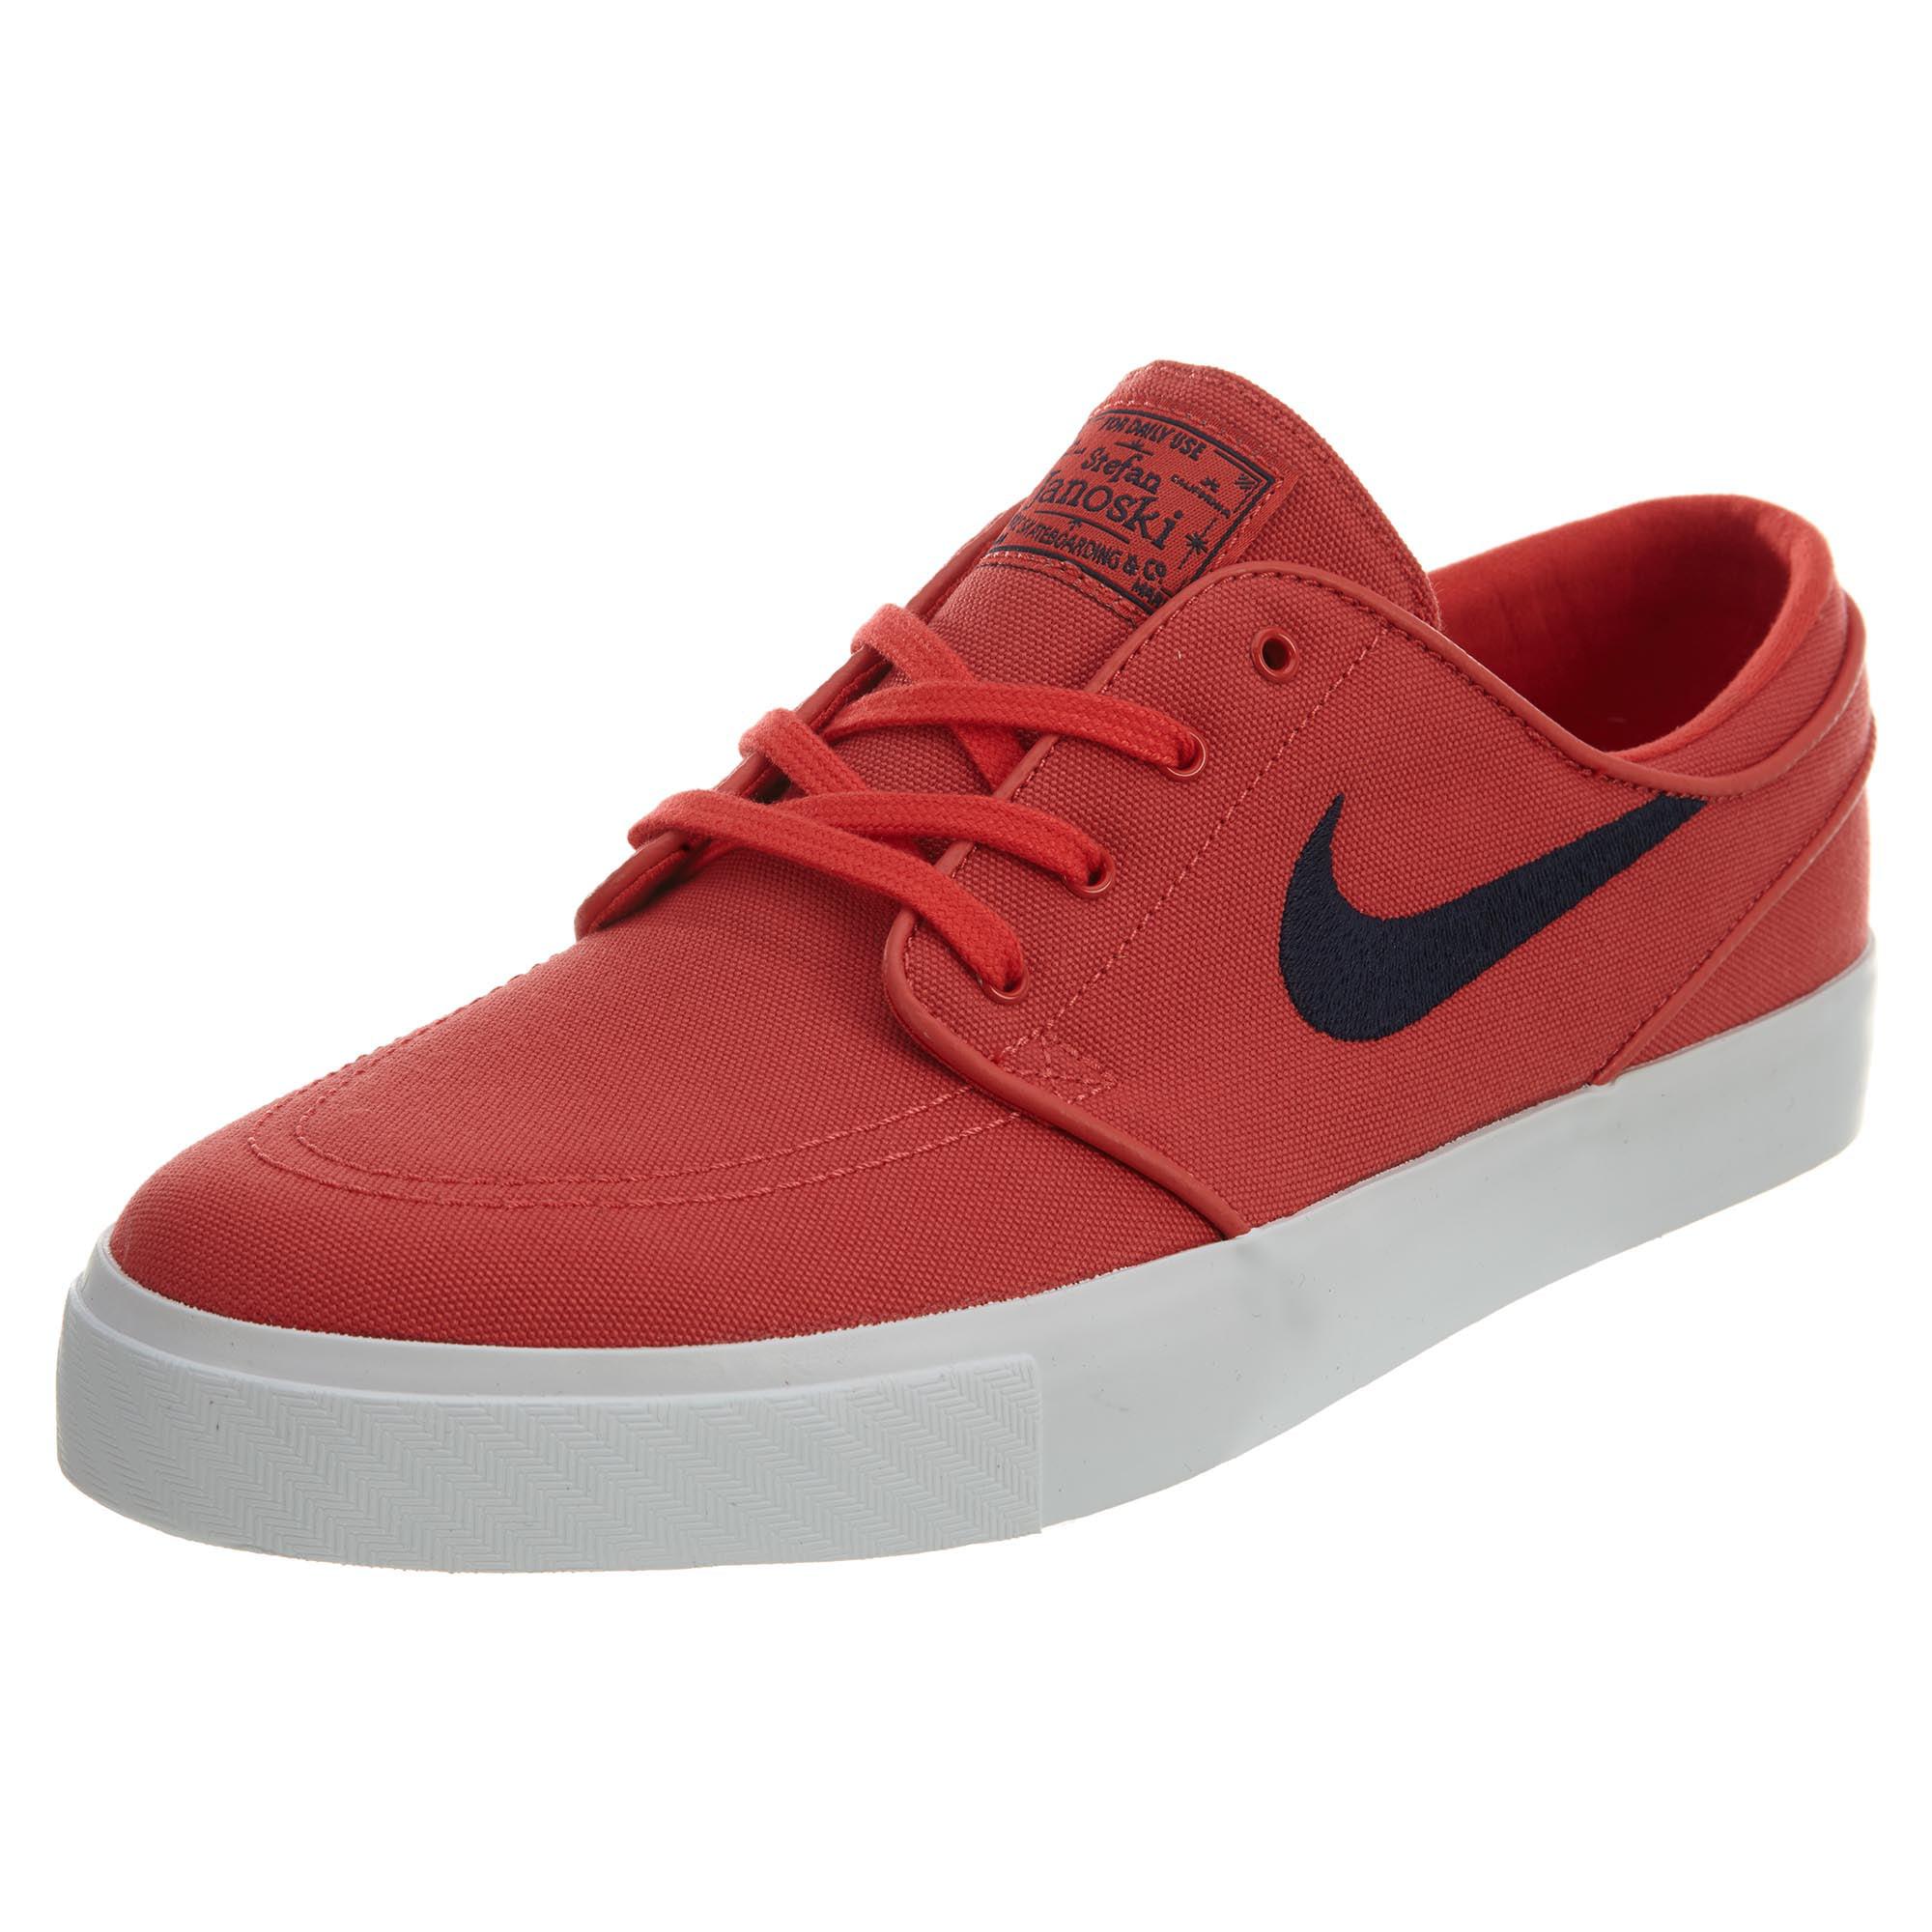 Nike Zoom Stefan Janoski Cnvs Mens Style : 615957